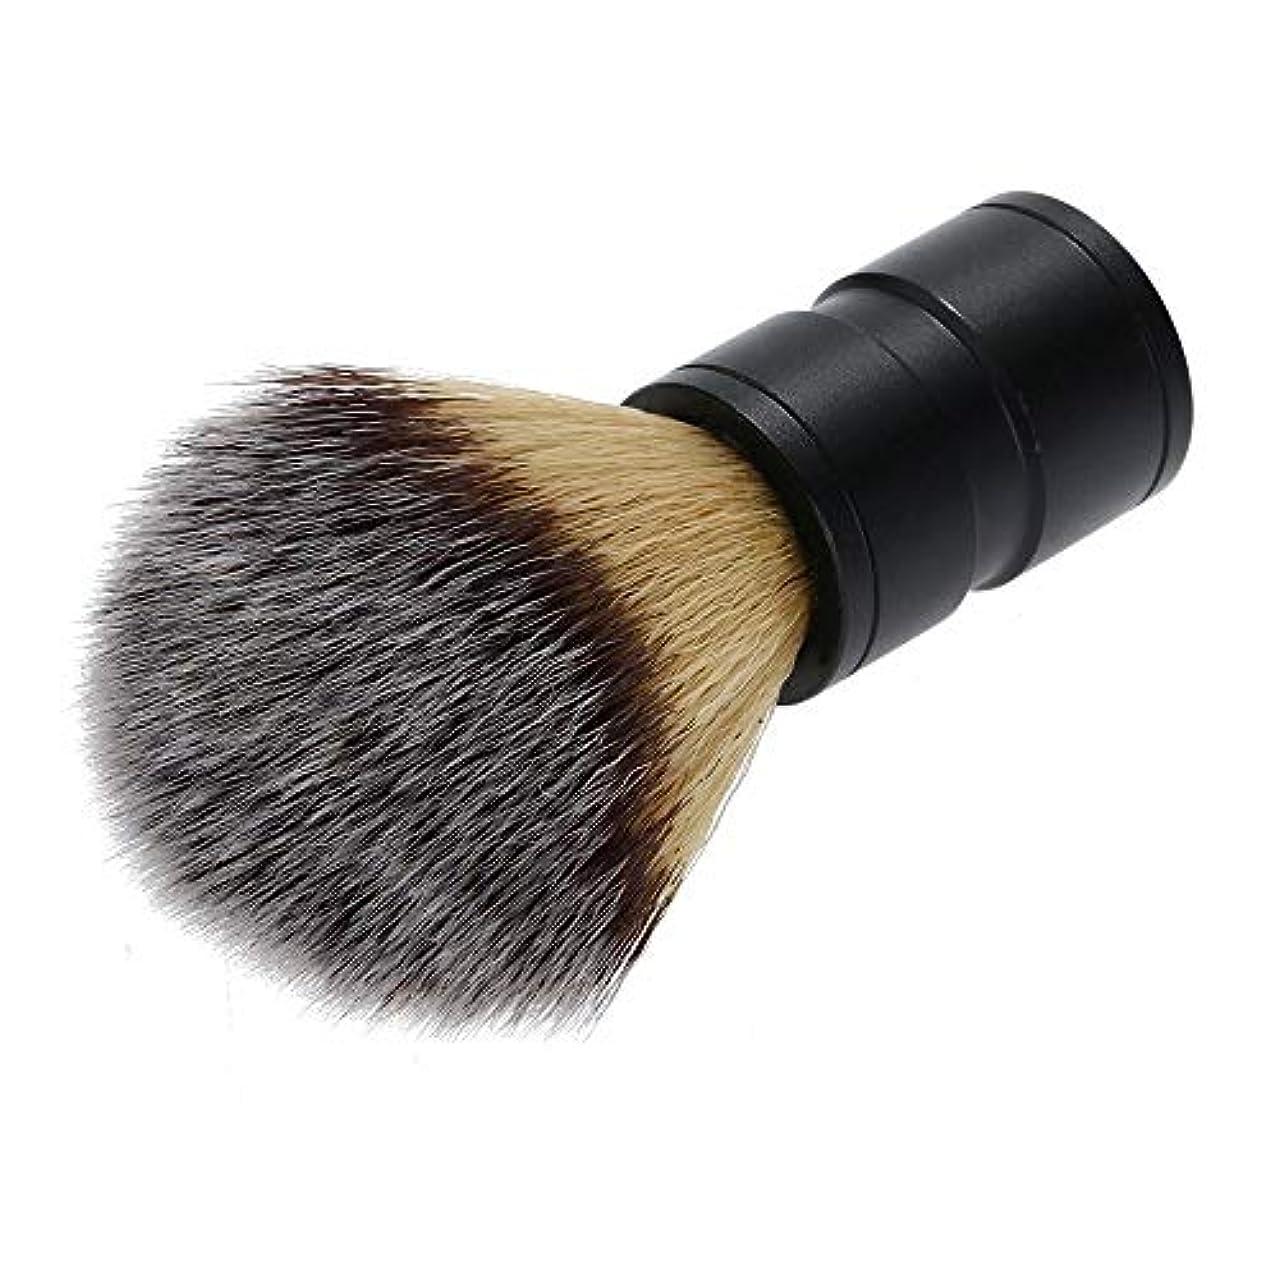 もしオーナメント安西シェービングブラシ ひげブラシ シェービングブラシ プレゼント 理容 洗顔 髭剃り 泡立ち メンズ用 親父 ご主人 ボーイフレンド 友人にプレゼント クリスマスプレゼント